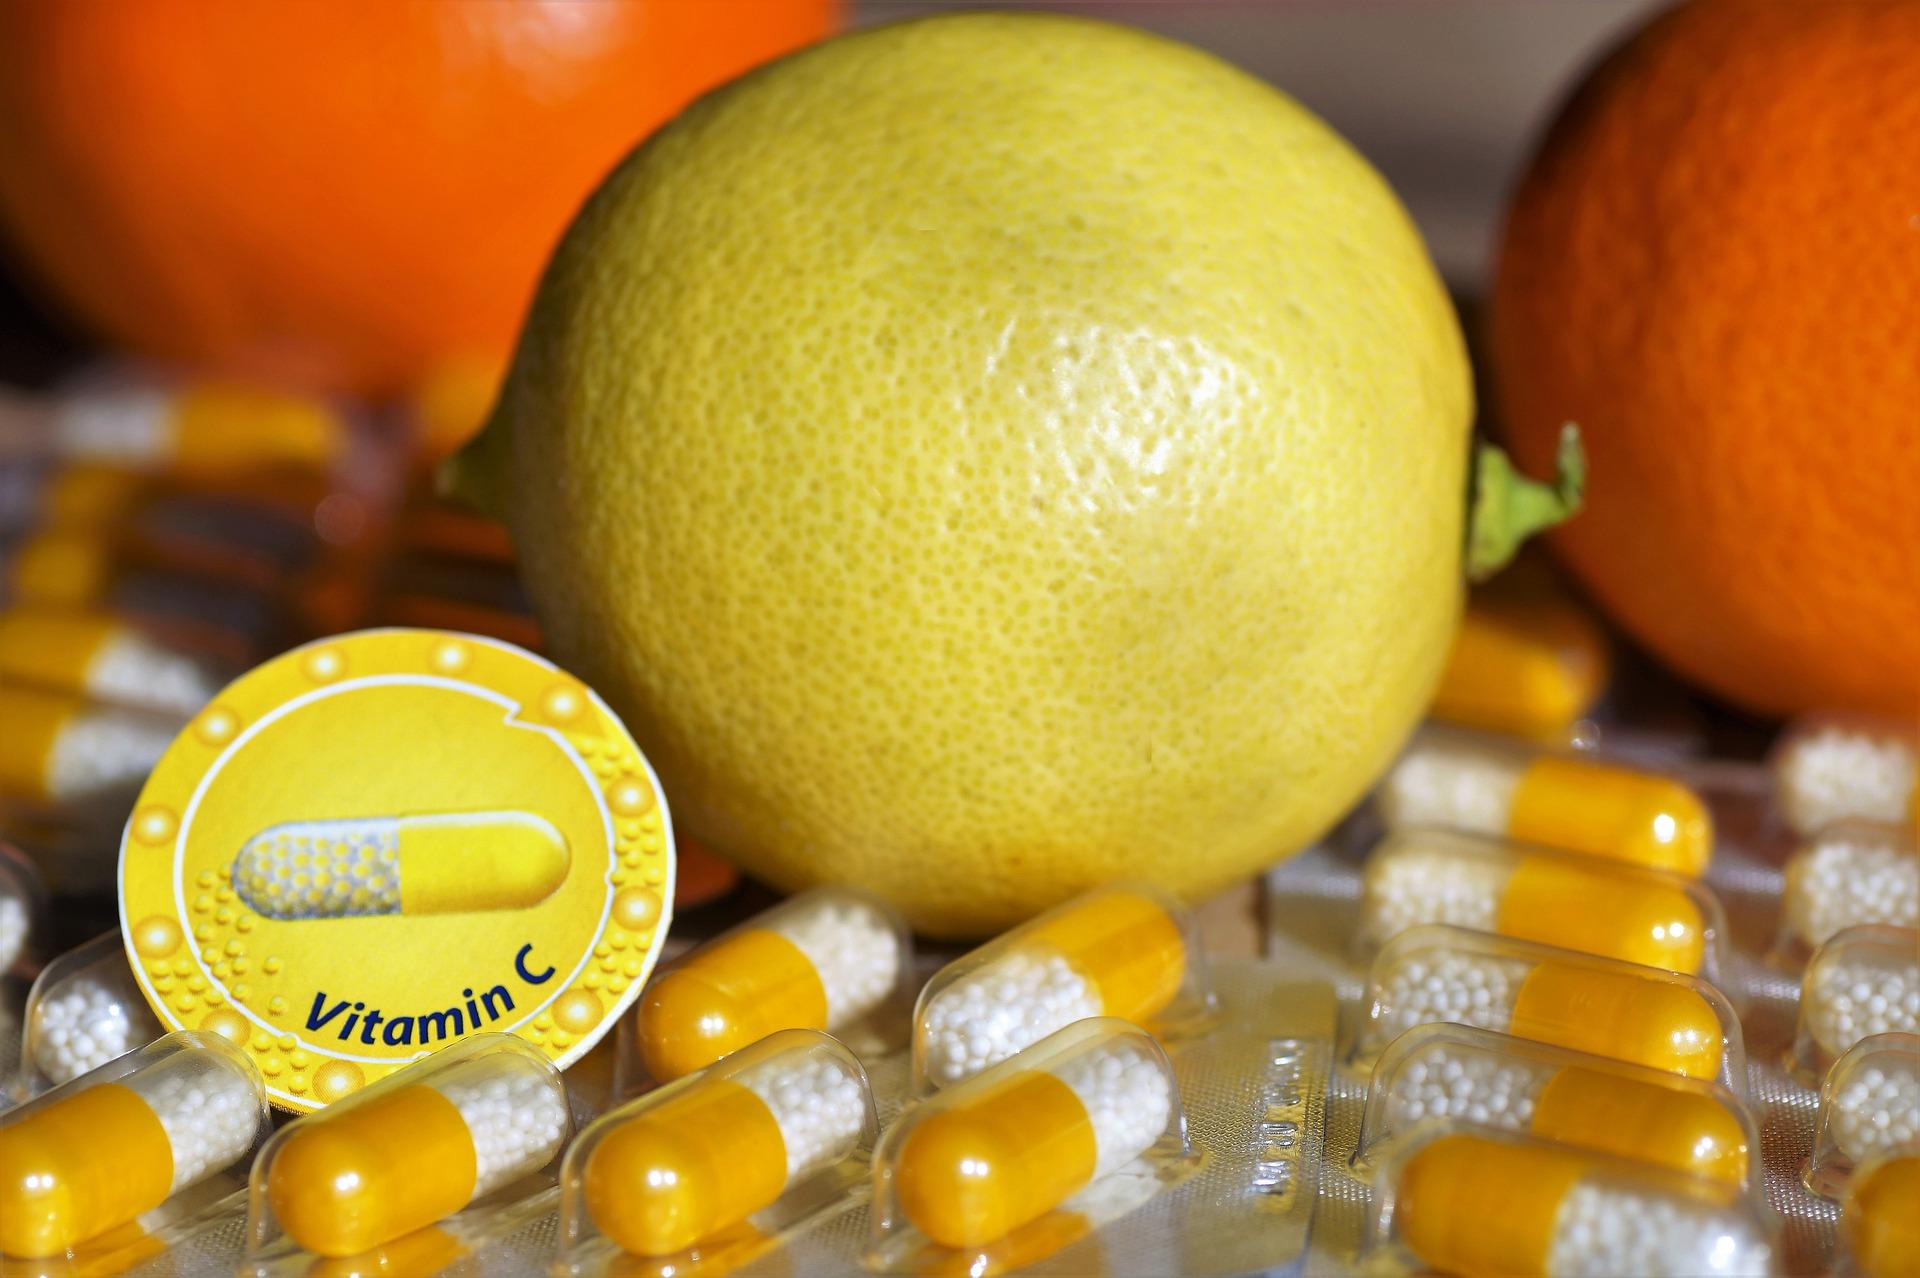 Vitamin-C - haben wir wirklich ausreichende Vitamin-C-Reserven in uns?